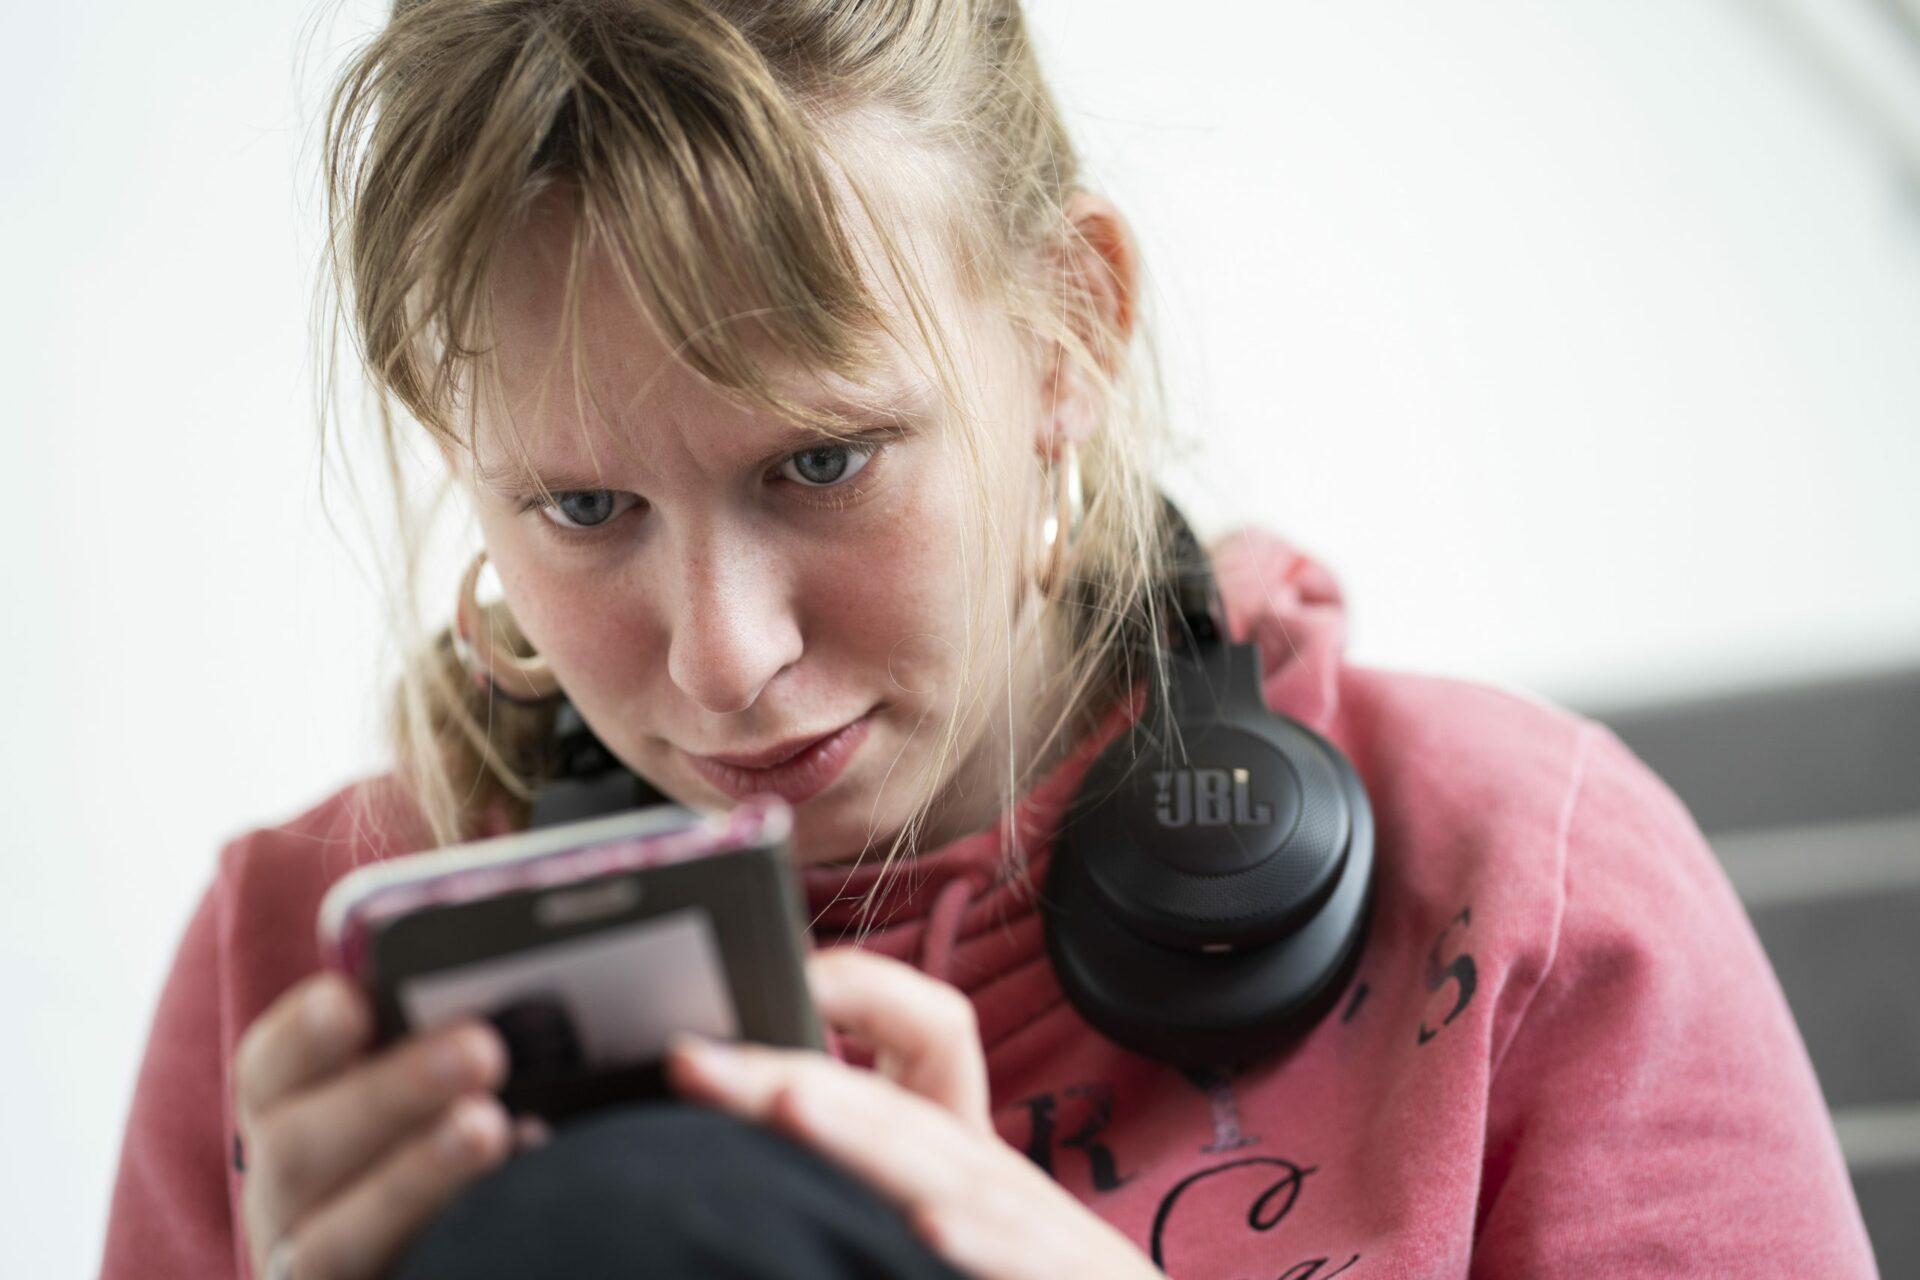 Eine junge Frau schaut auf ihr Handy